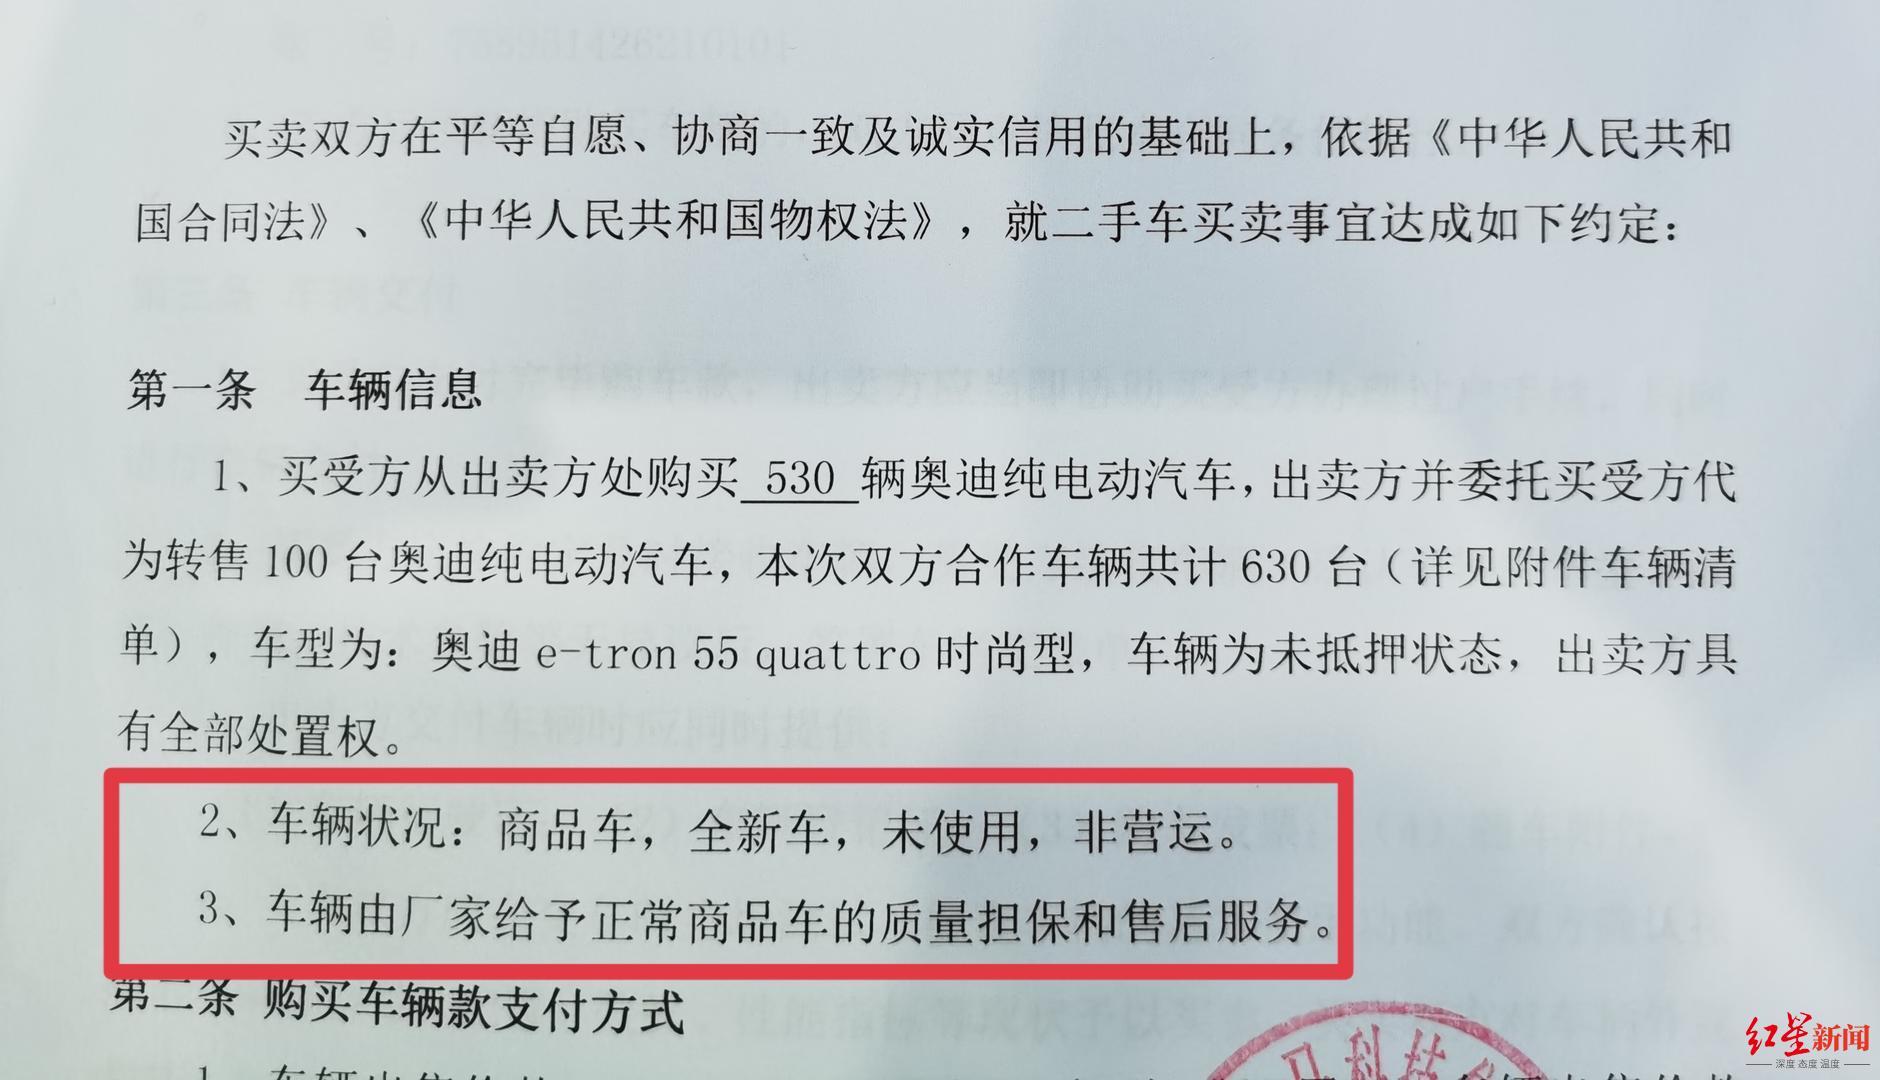 """""""易车时代""""张姓负责人提供的与四川千禧神马科技的合同约定"""